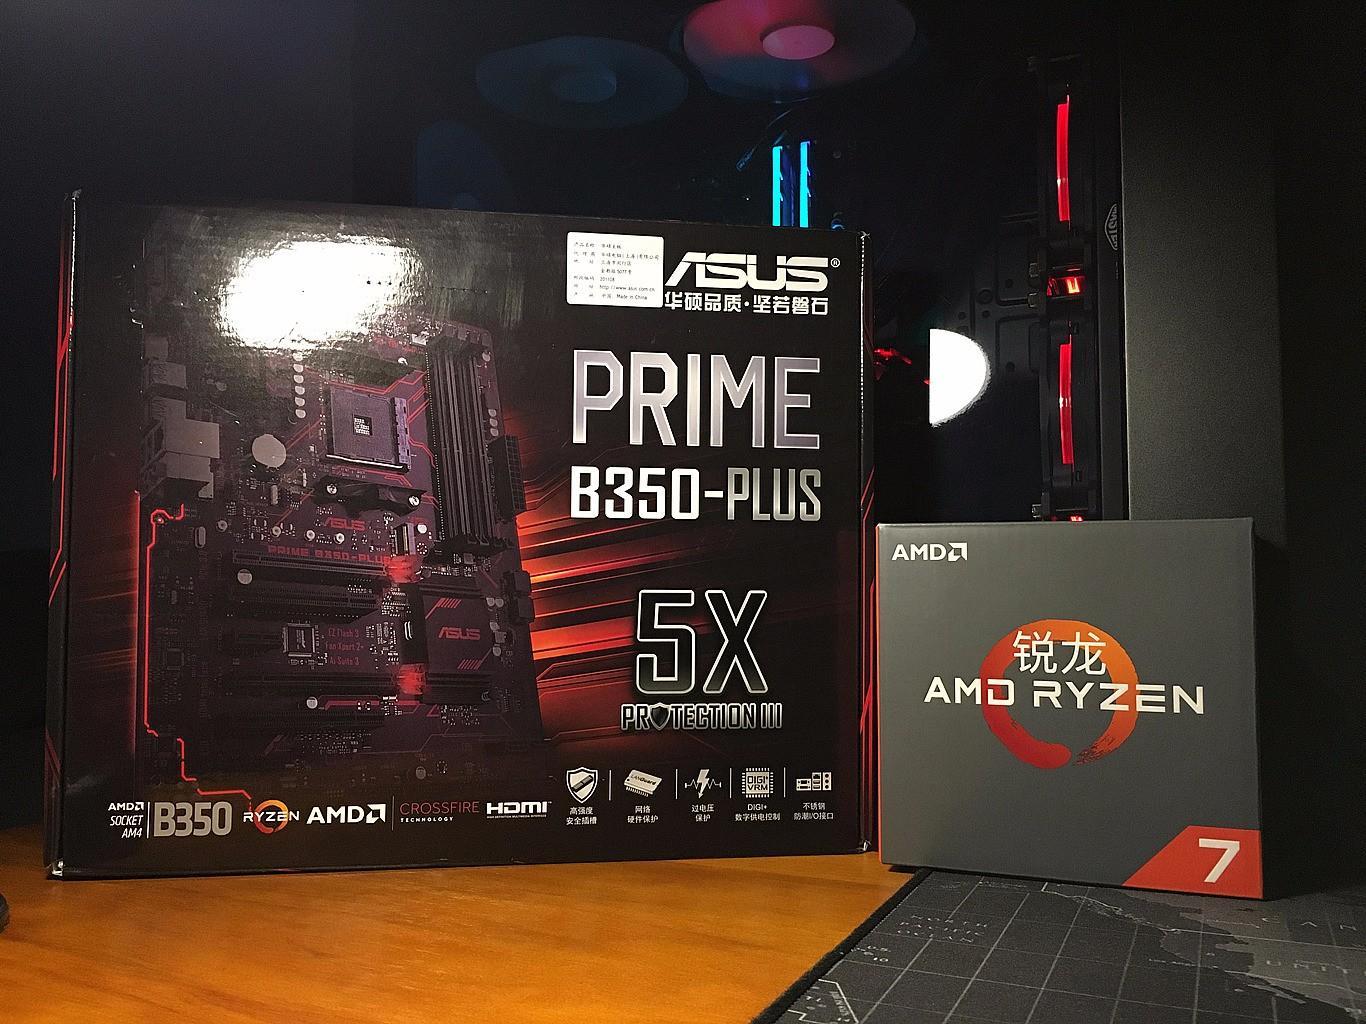 写到这里,我也就不卖关子了,事实说明,华硕PRIME B350-PLUS在支持1700X超频上是没有问题的,至少在短时间内是没有问题。我的1700X 在1.25v的电压下可以稳定运行在3.8GHz,1.375v的电压下稳定运行在4.0GHz。按道理说离AMD的1.55v安全电压还是有一点距离,但是无论如何加点电压,我的1700X 也无法稳定运行在4.